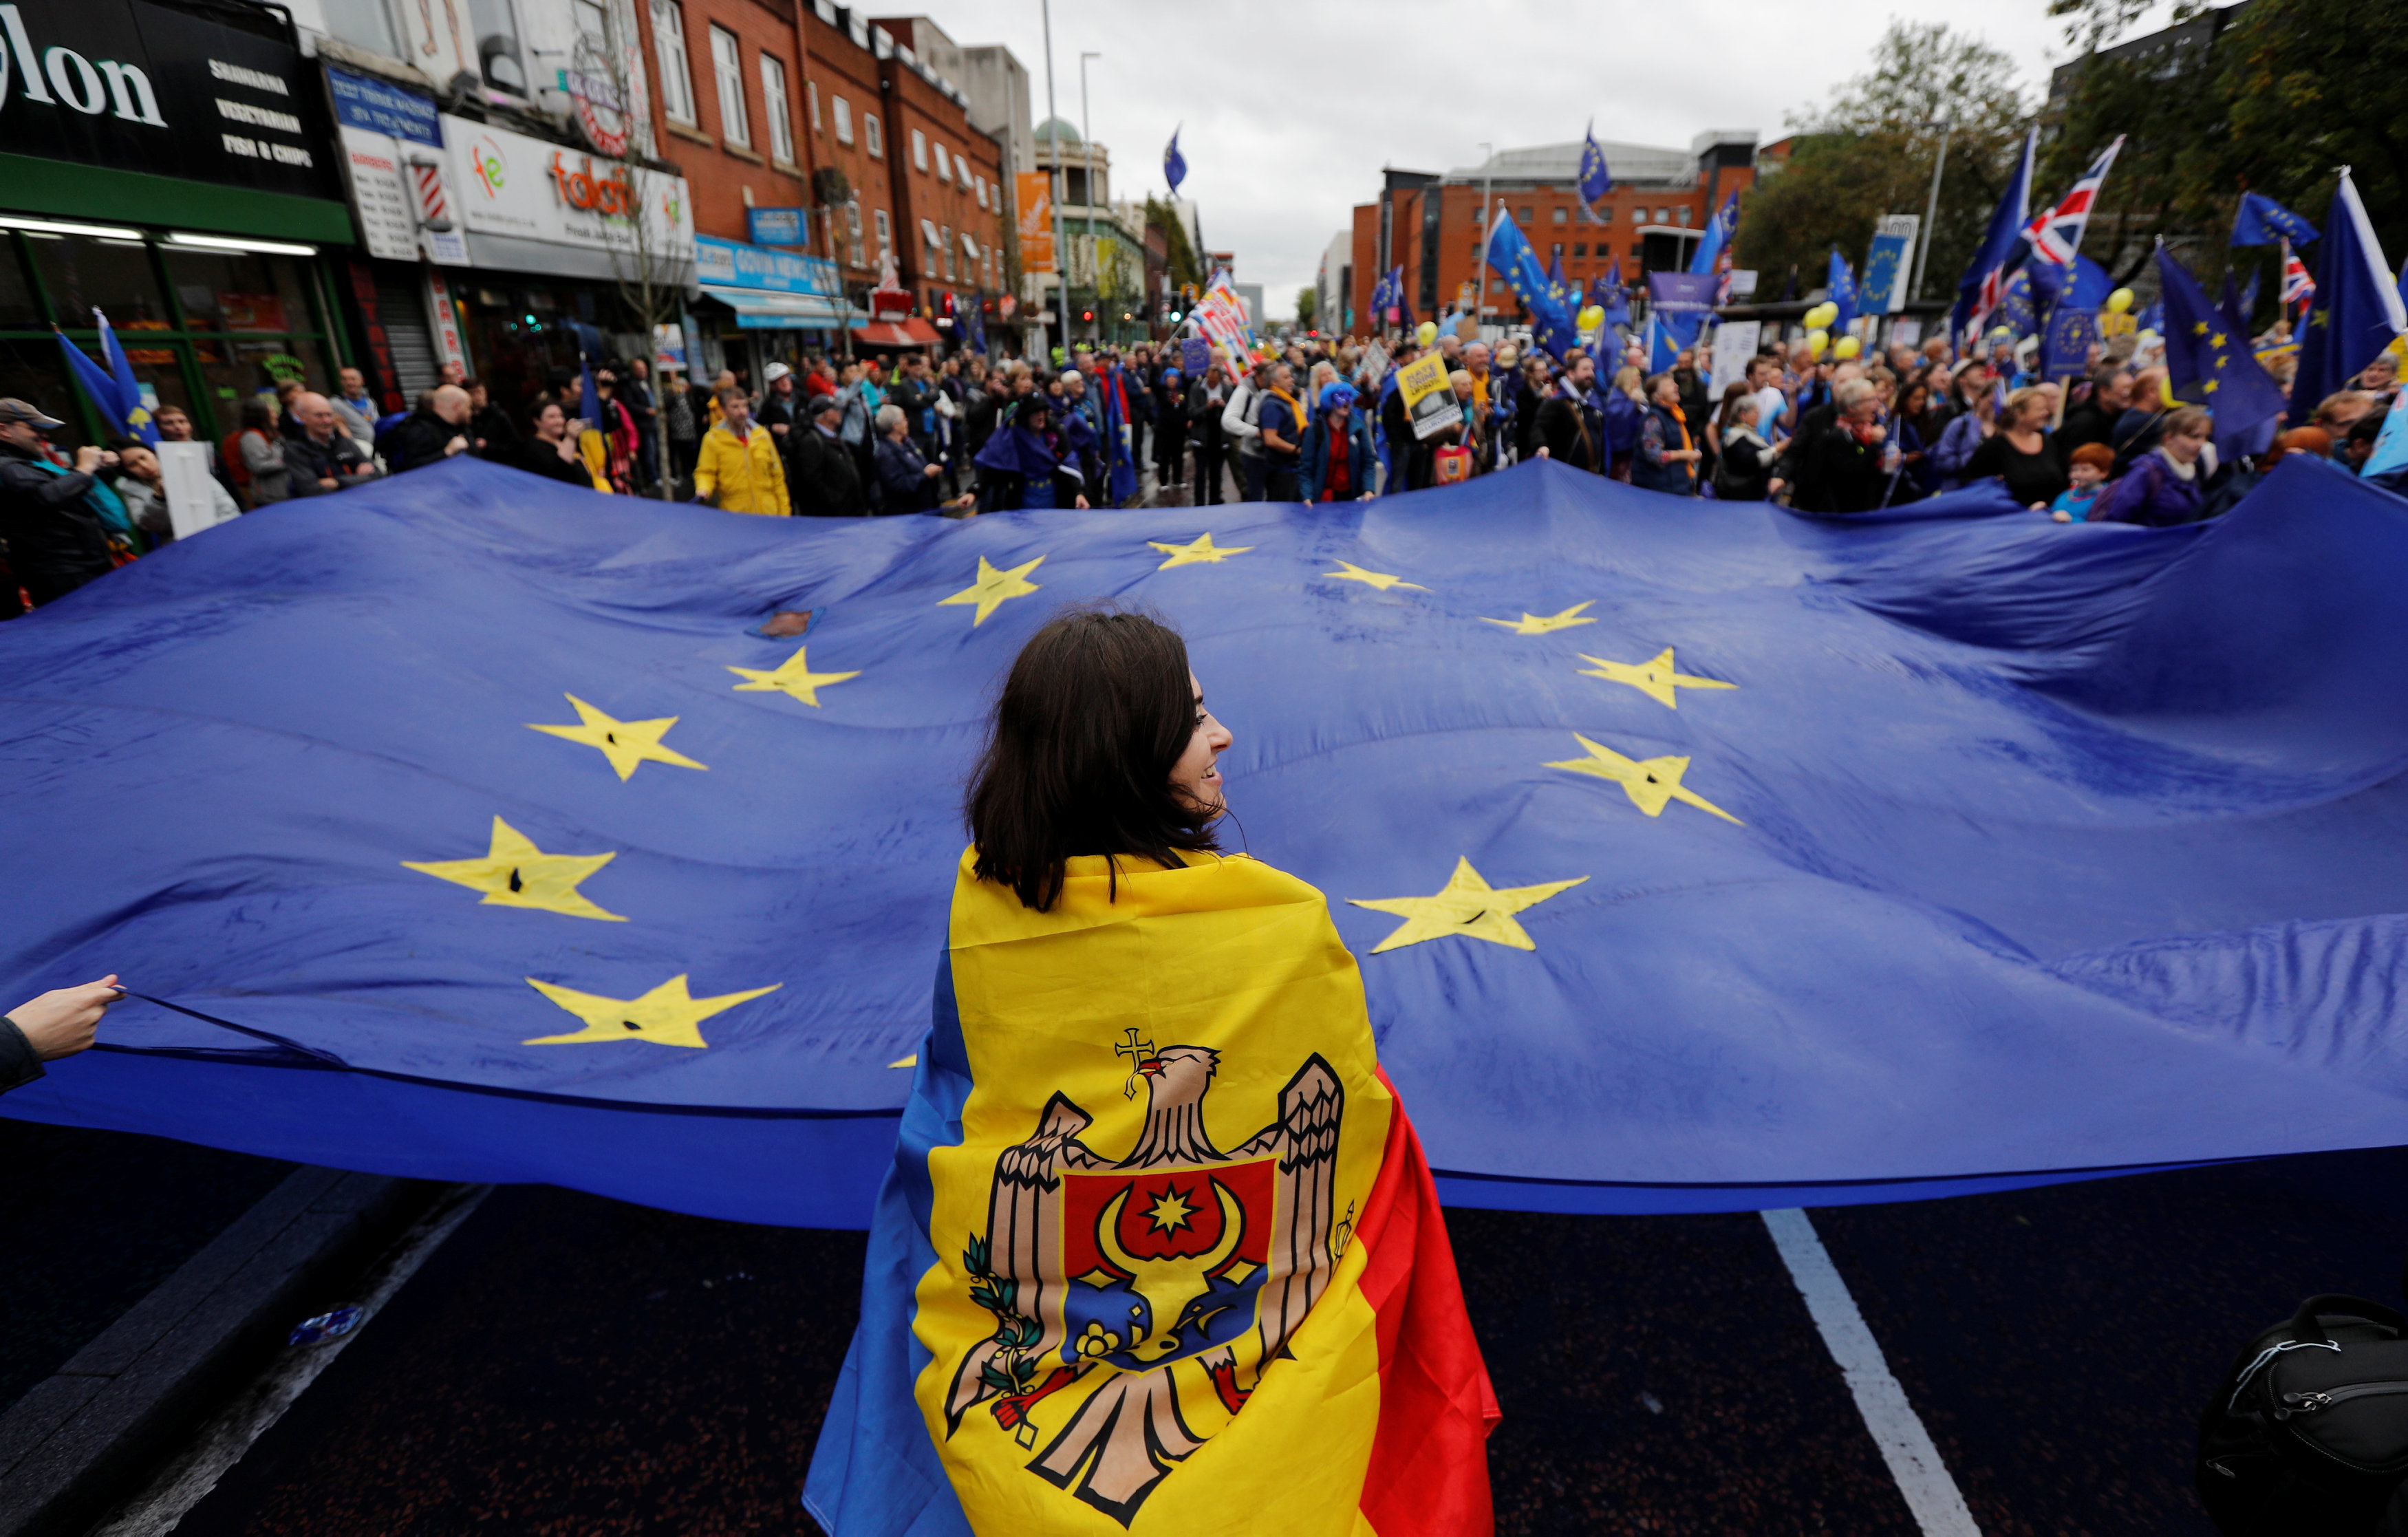 يحمل المتظاهرون علم الاتحاد الاوربى